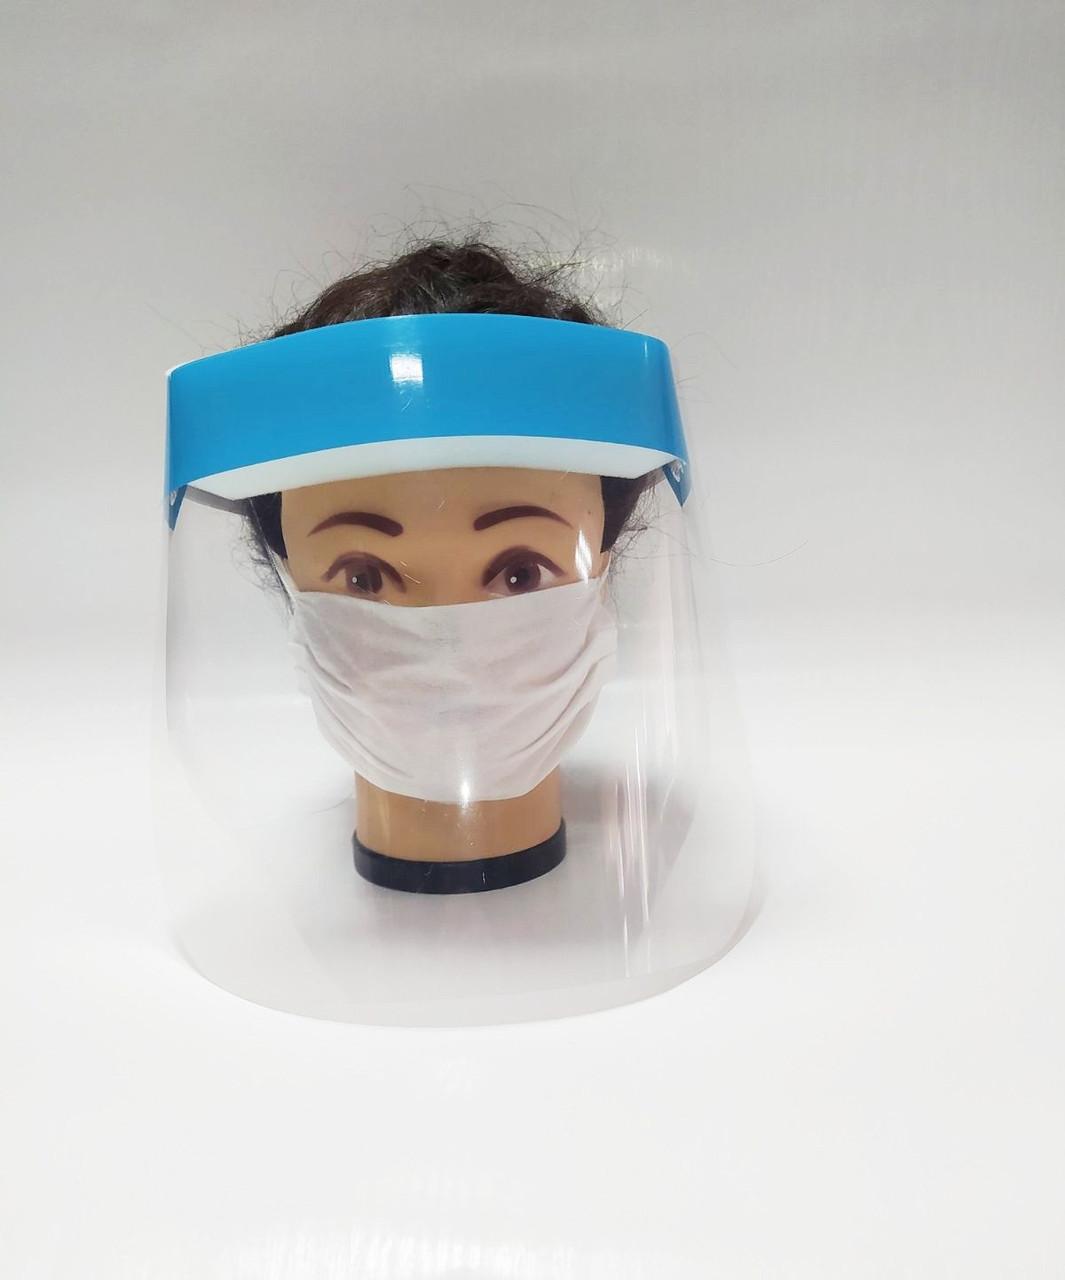 Защитный экран / маска / щиток для лица.